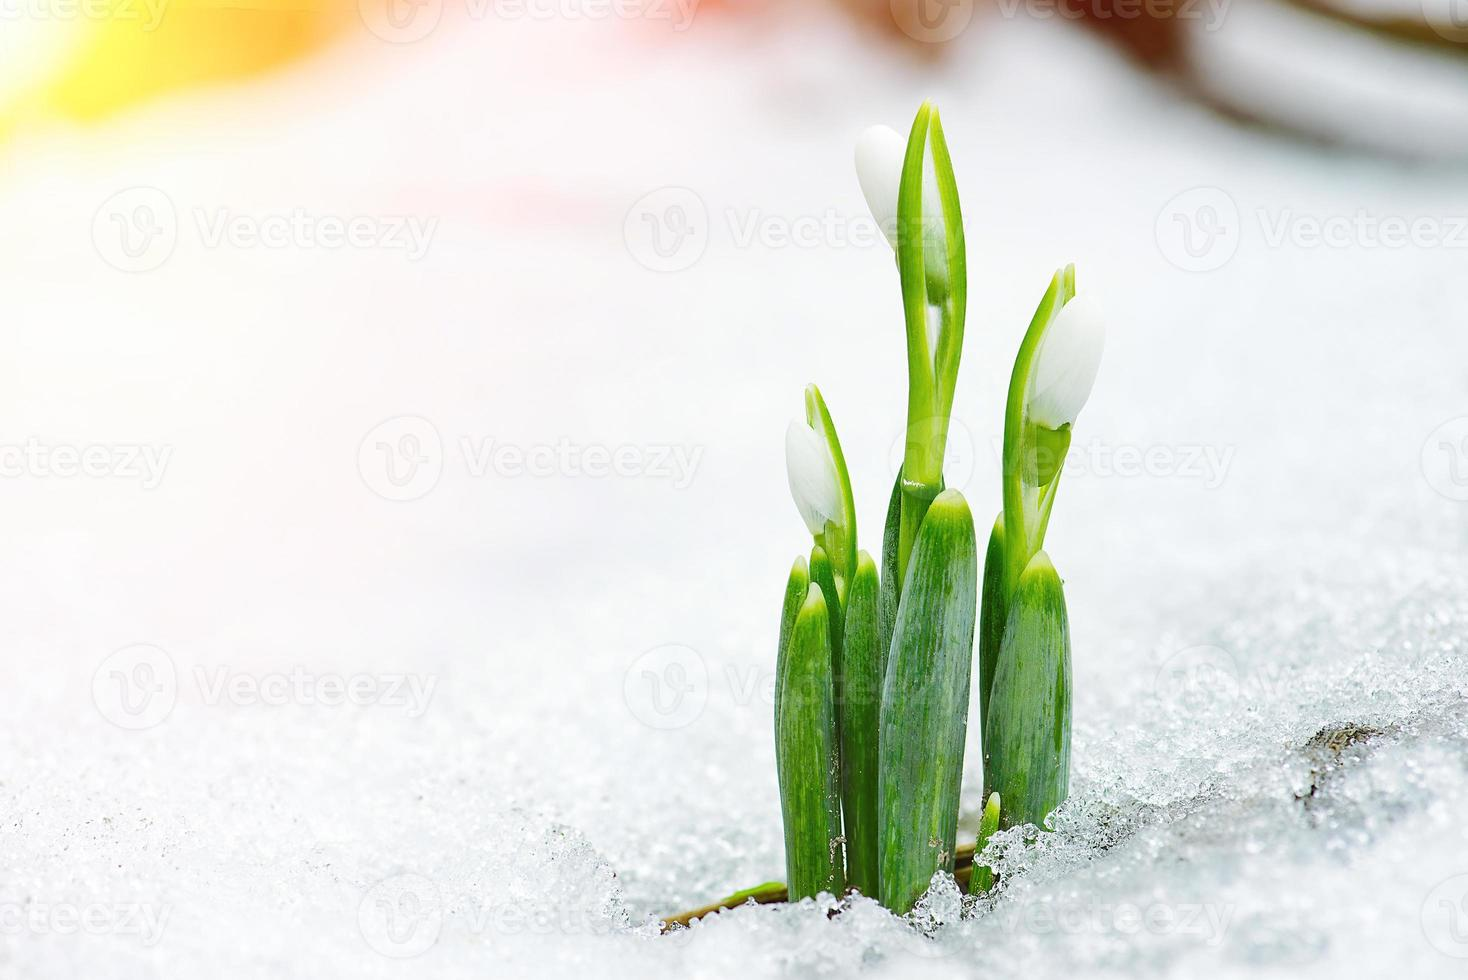 Frühling Schneeglöckchen Blumen aus dem Schnee mit Sonnenstrahlen foto